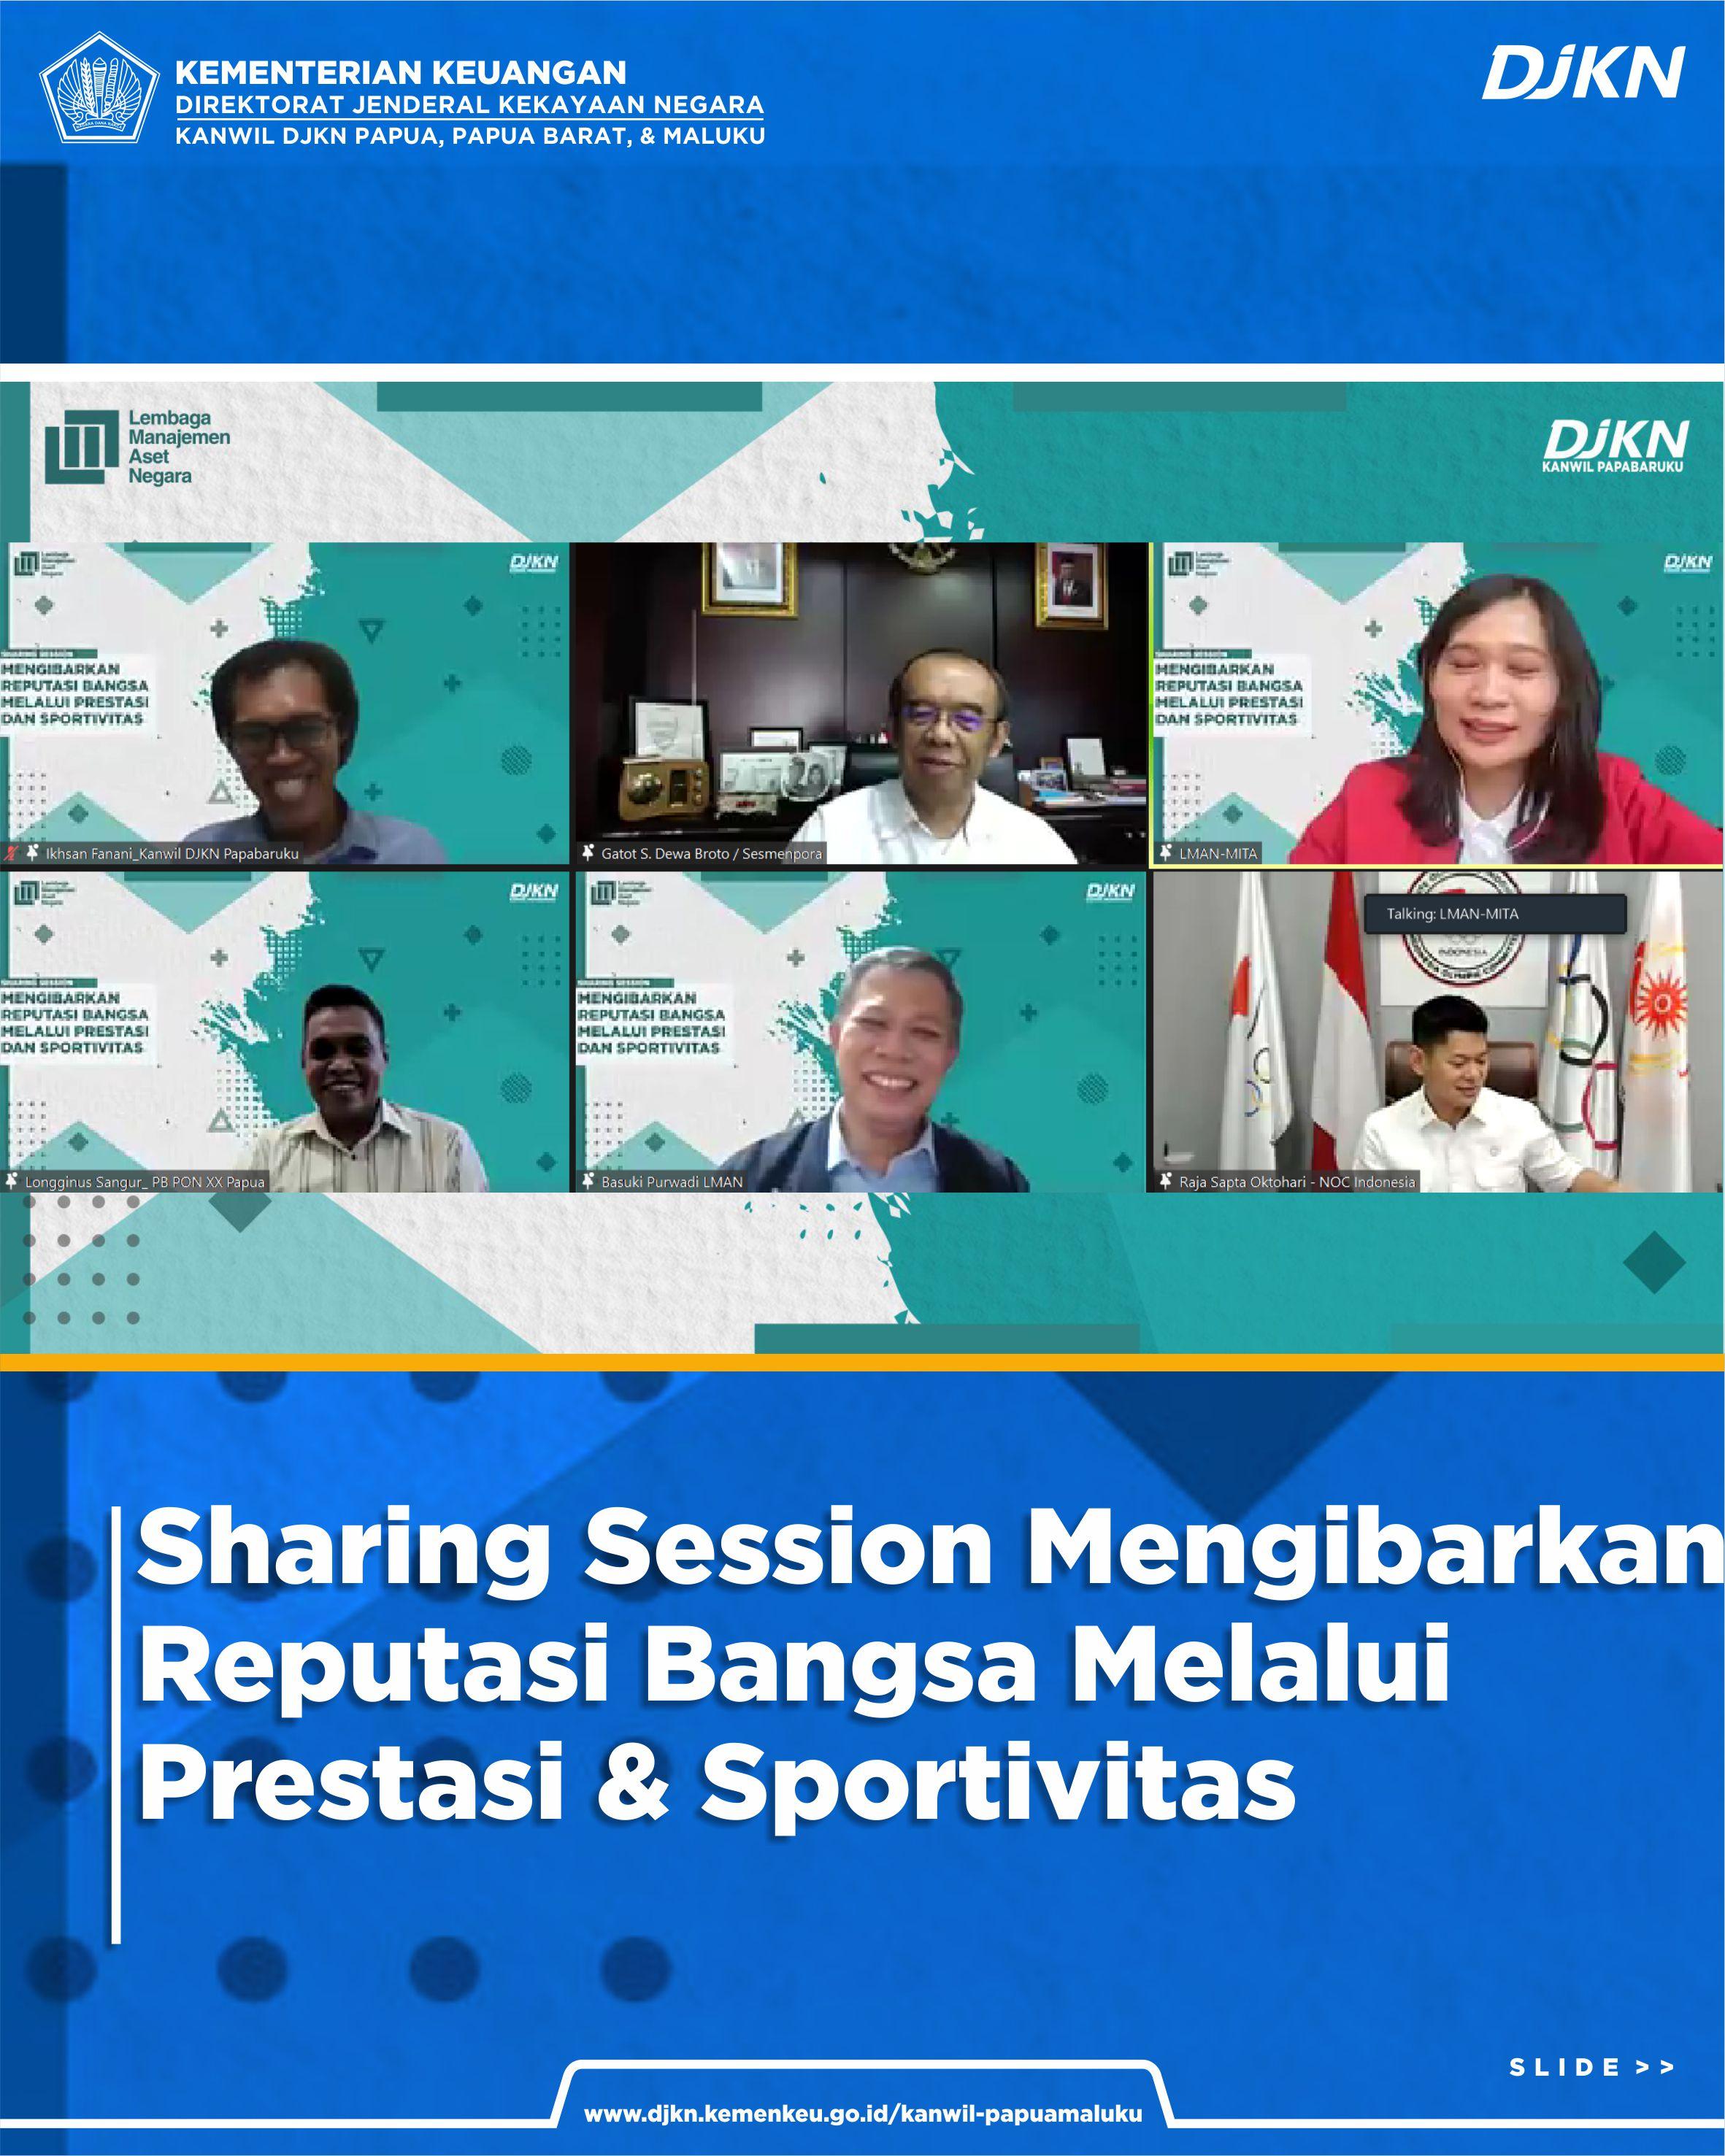 Sharing Session: Mengibarkan Reputasi Bangsa Melalui Prestasi dan Sportivitas